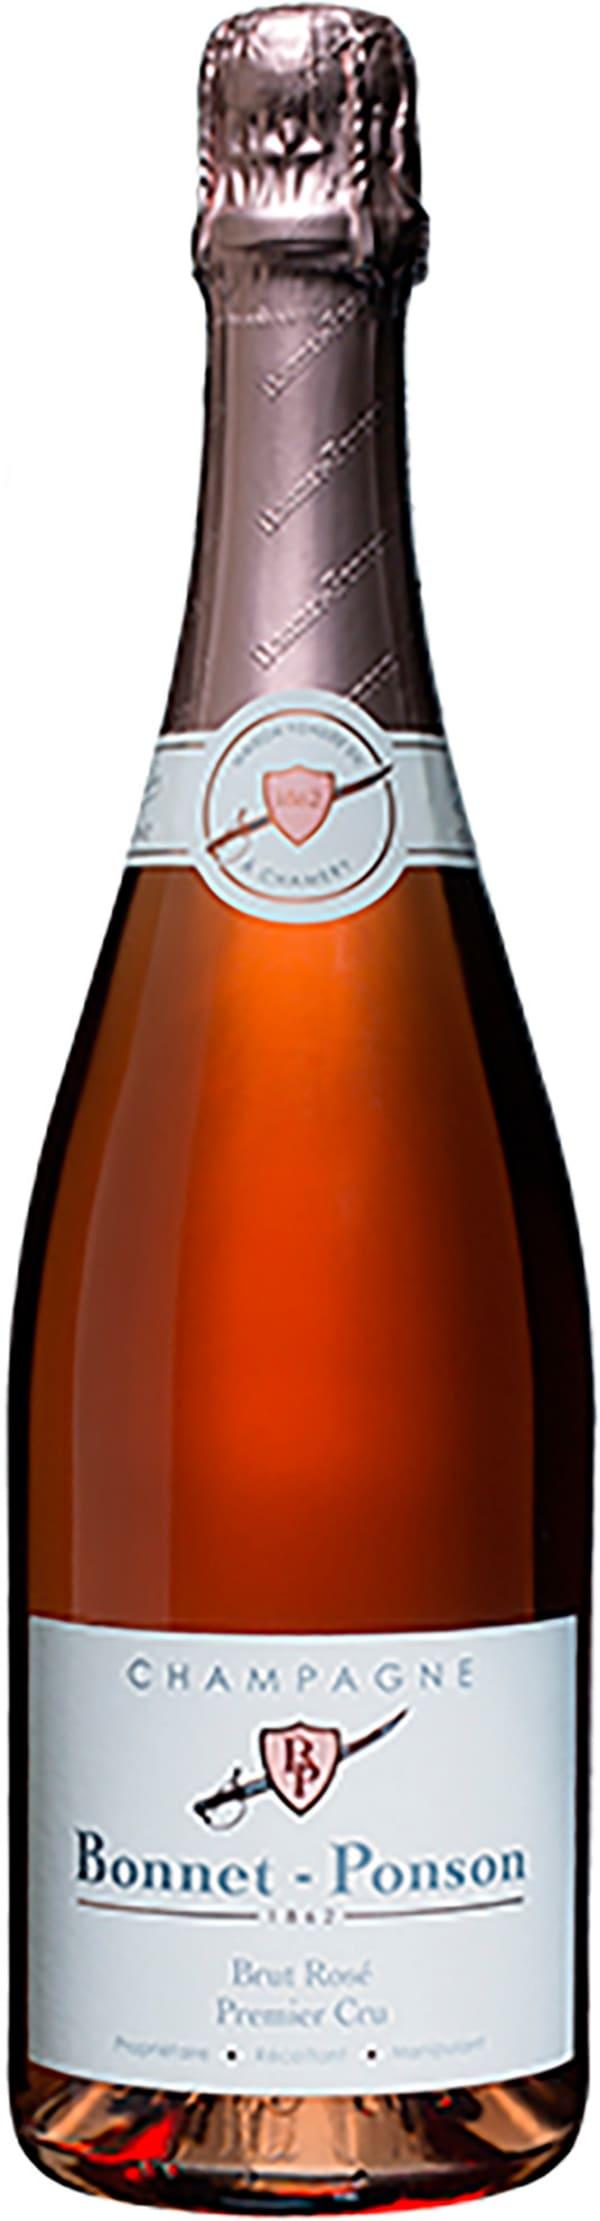 Bonnet-Ponson Premier Cru Champagne Rosé Brut